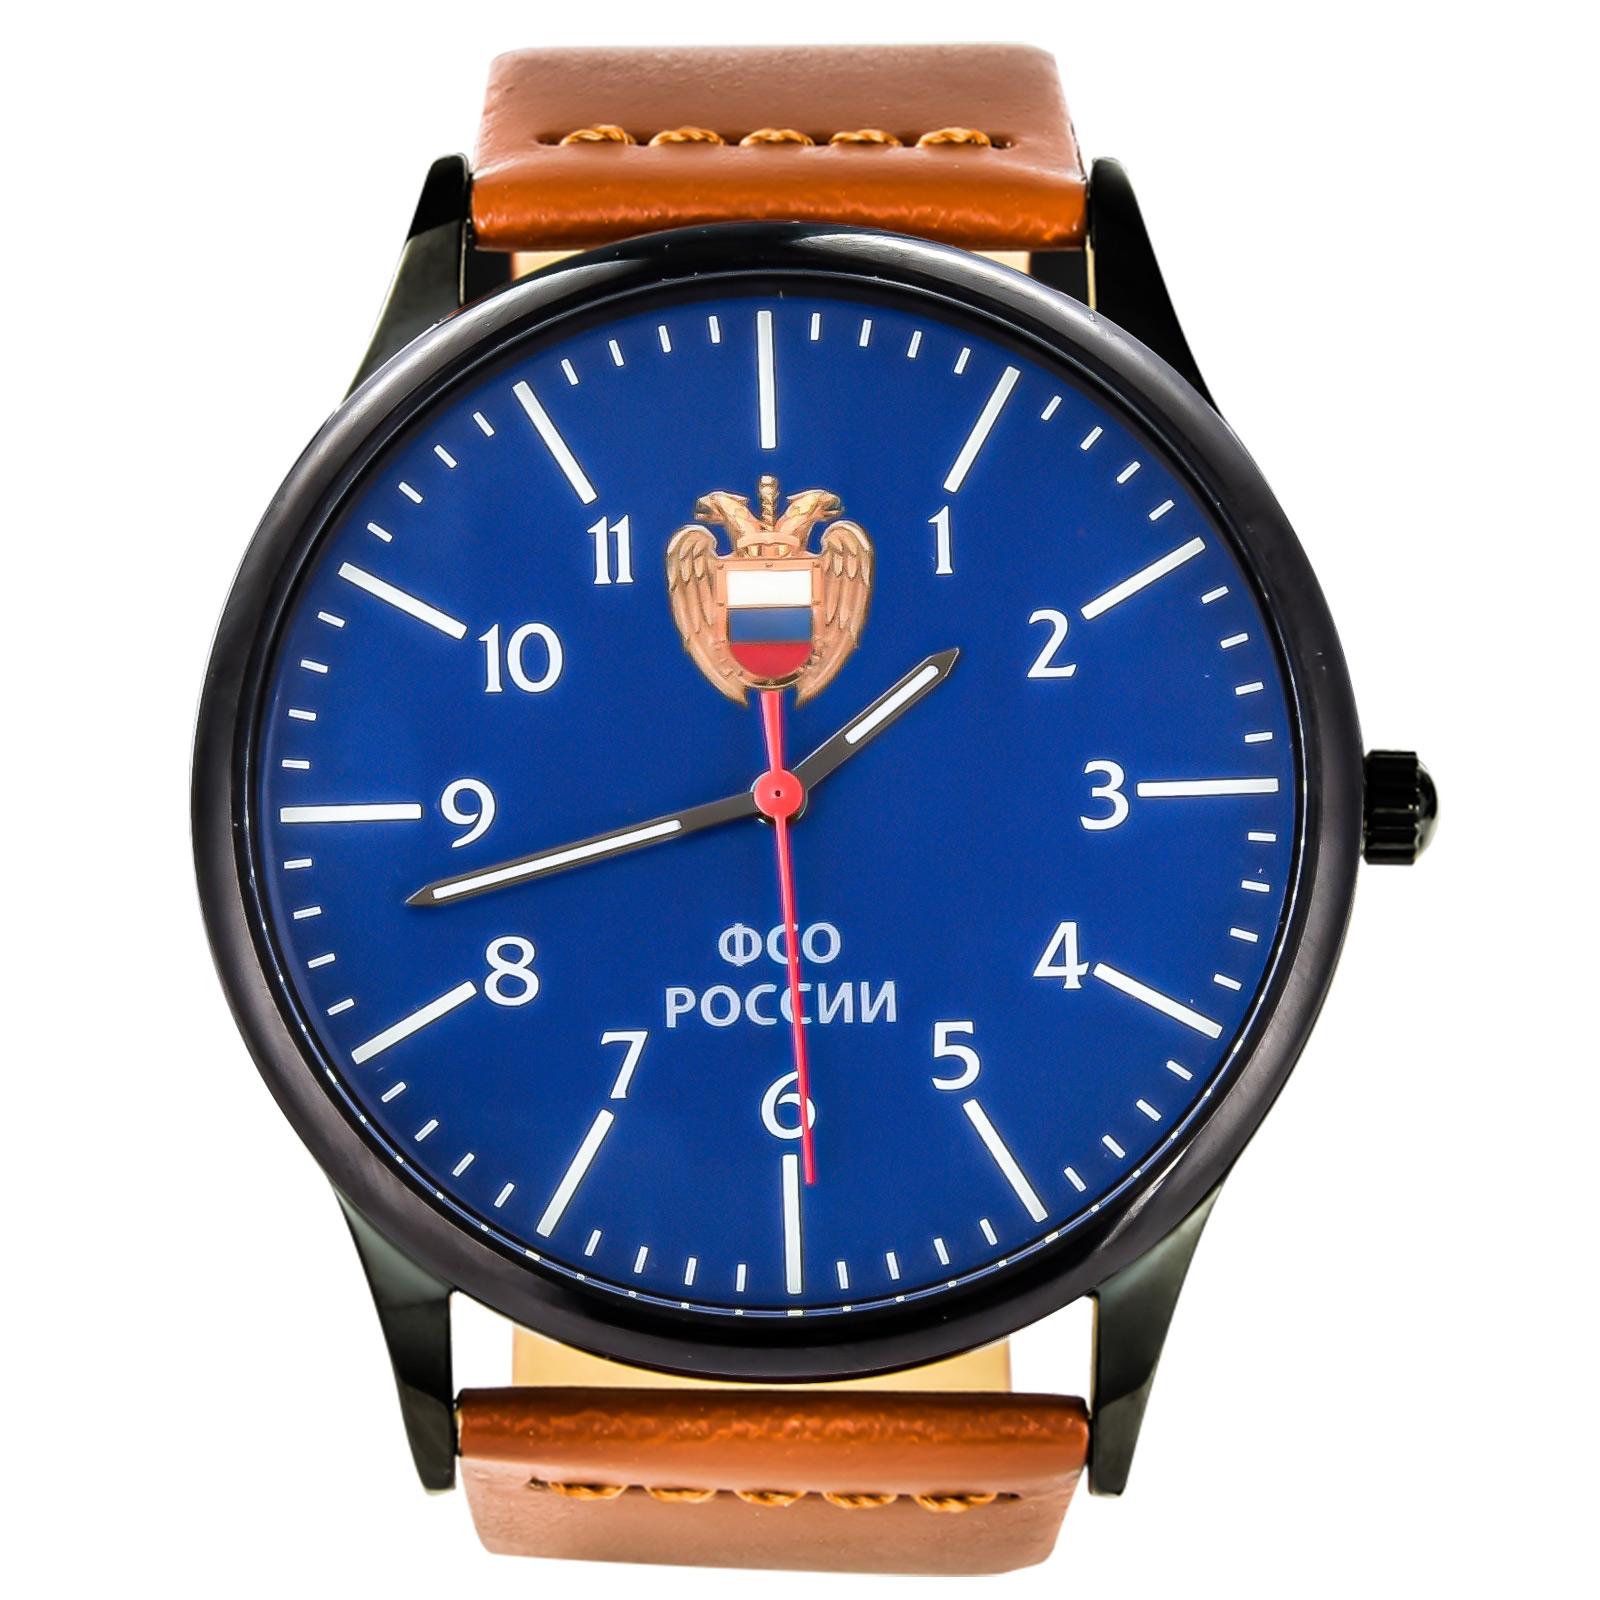 Мужские наручные командирские часы ФСО купить в Военпро